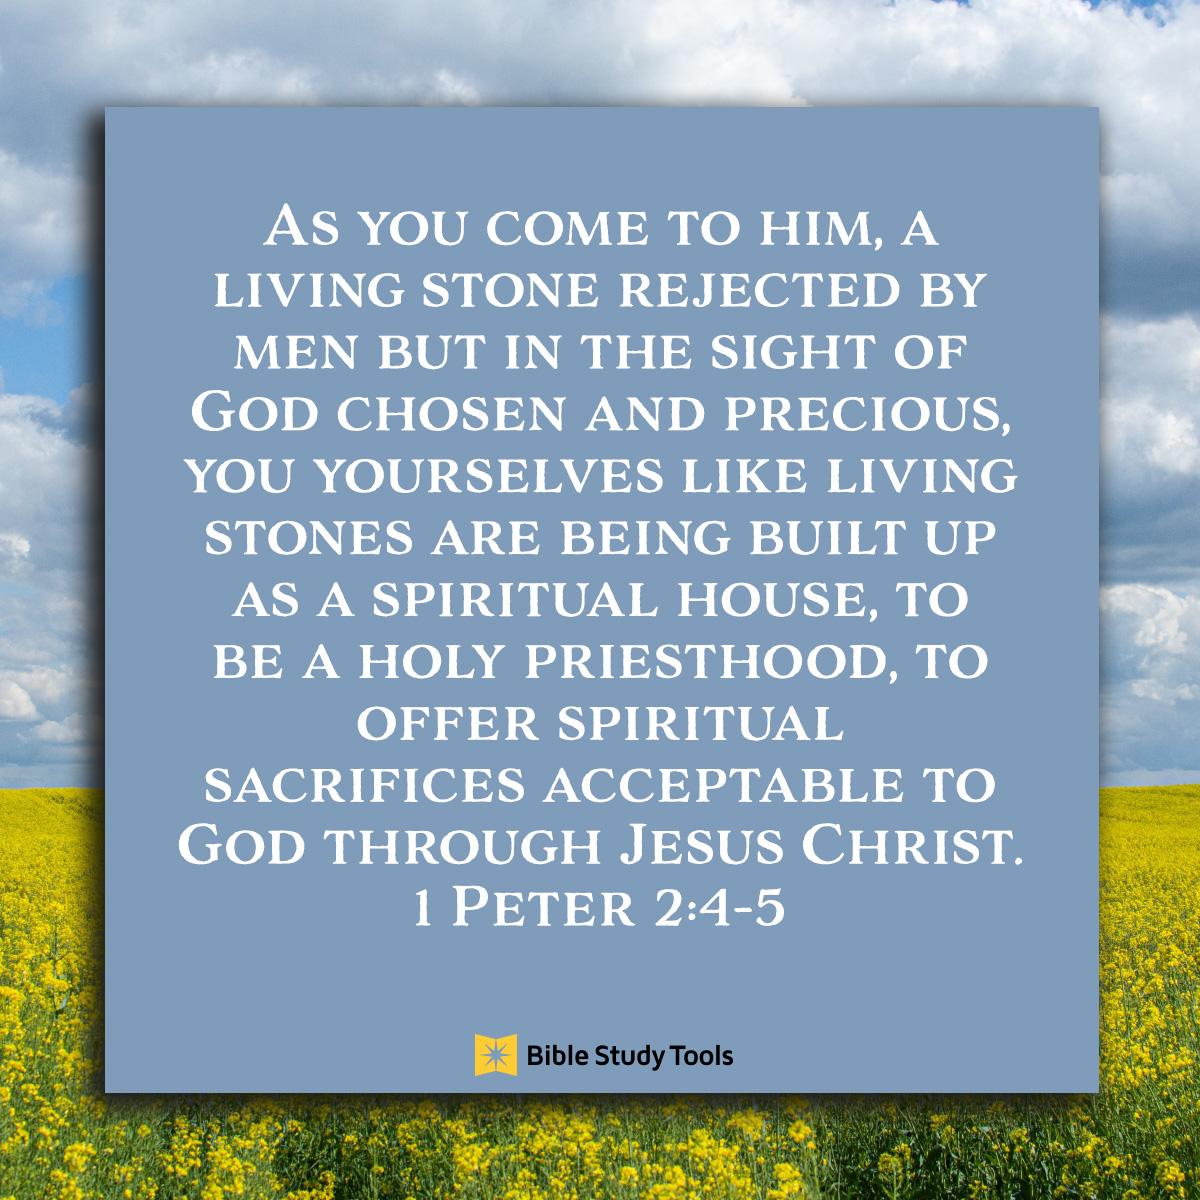 1 Peter 2:4-5, inspirational image